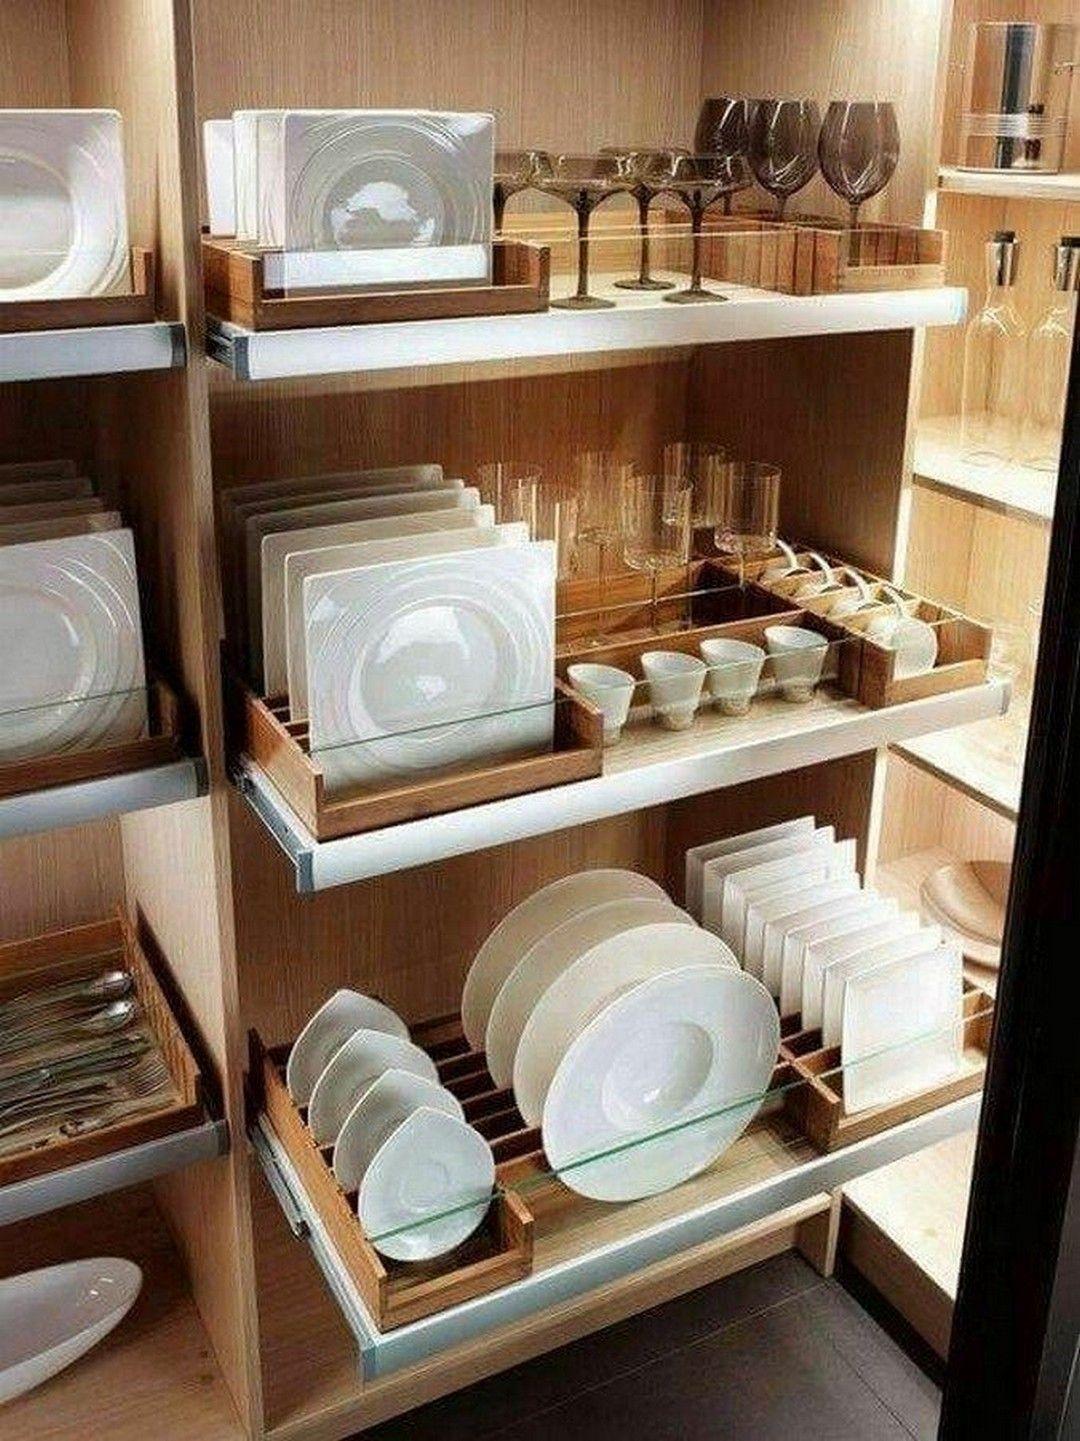 Lovely DIY Kitchen Storage Ideas To Maximize Kitchen Space 24